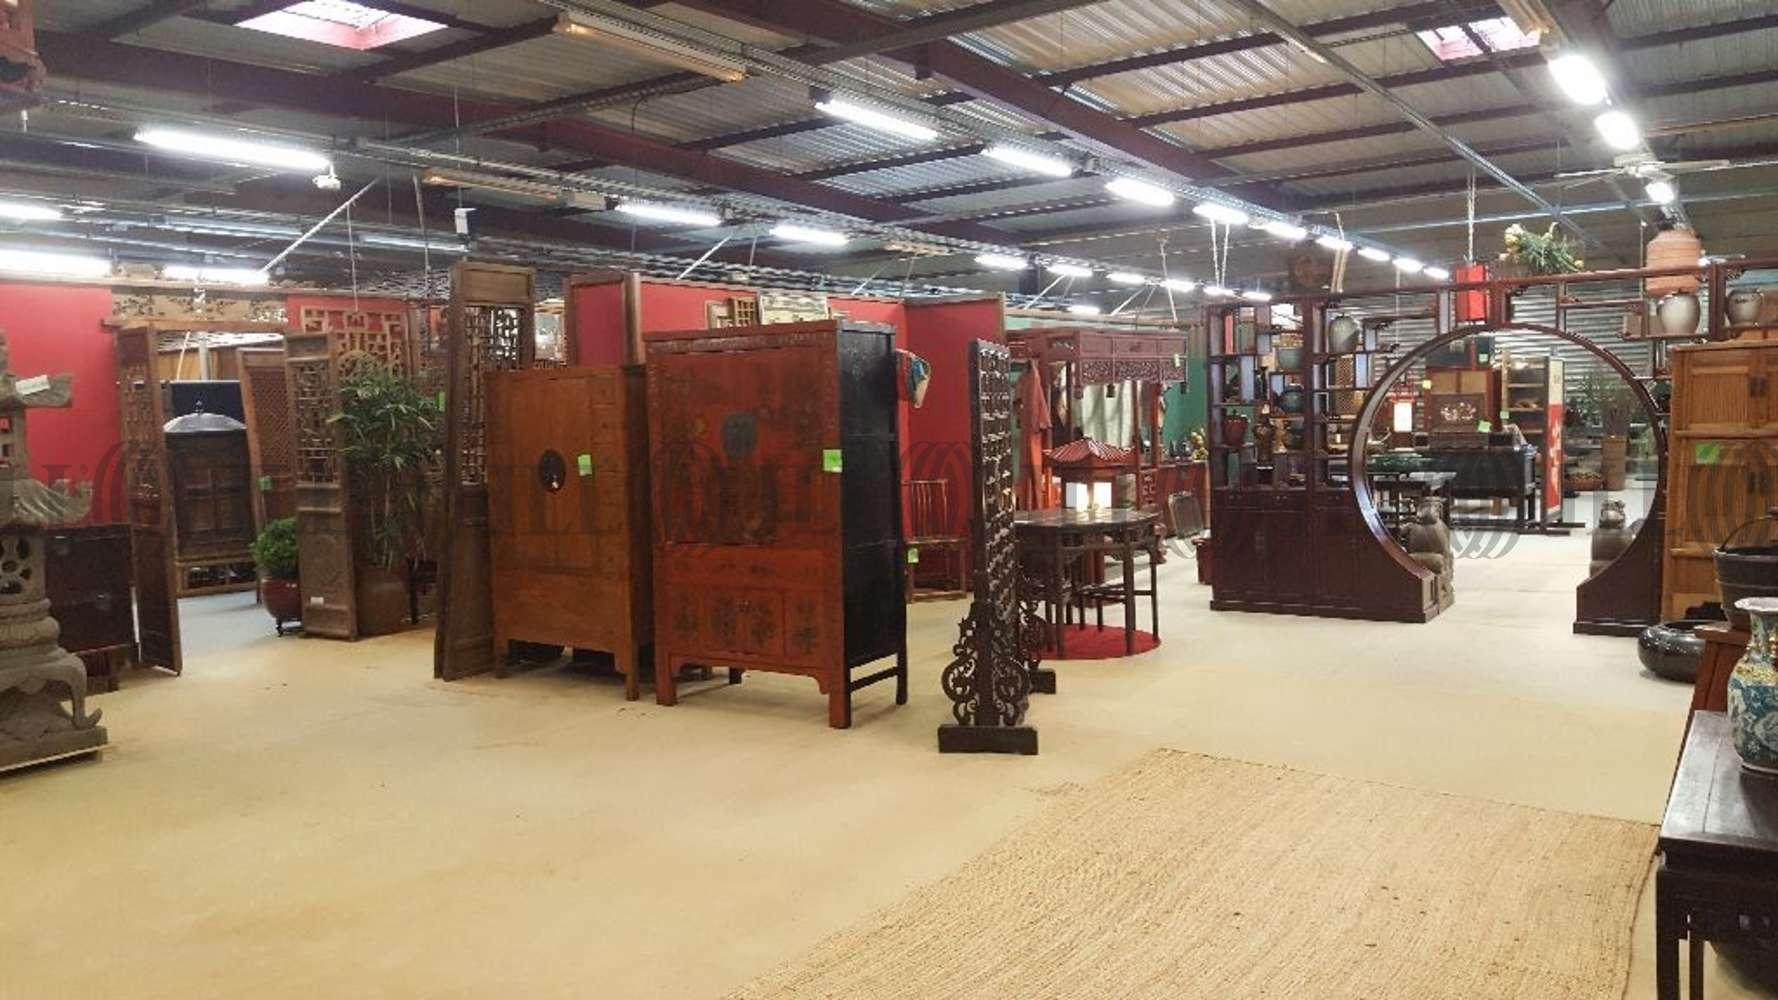 Commerces St germain les corbeil, 91250 - 2 AVENUE DE LA POINTE RINGALE - 9504455